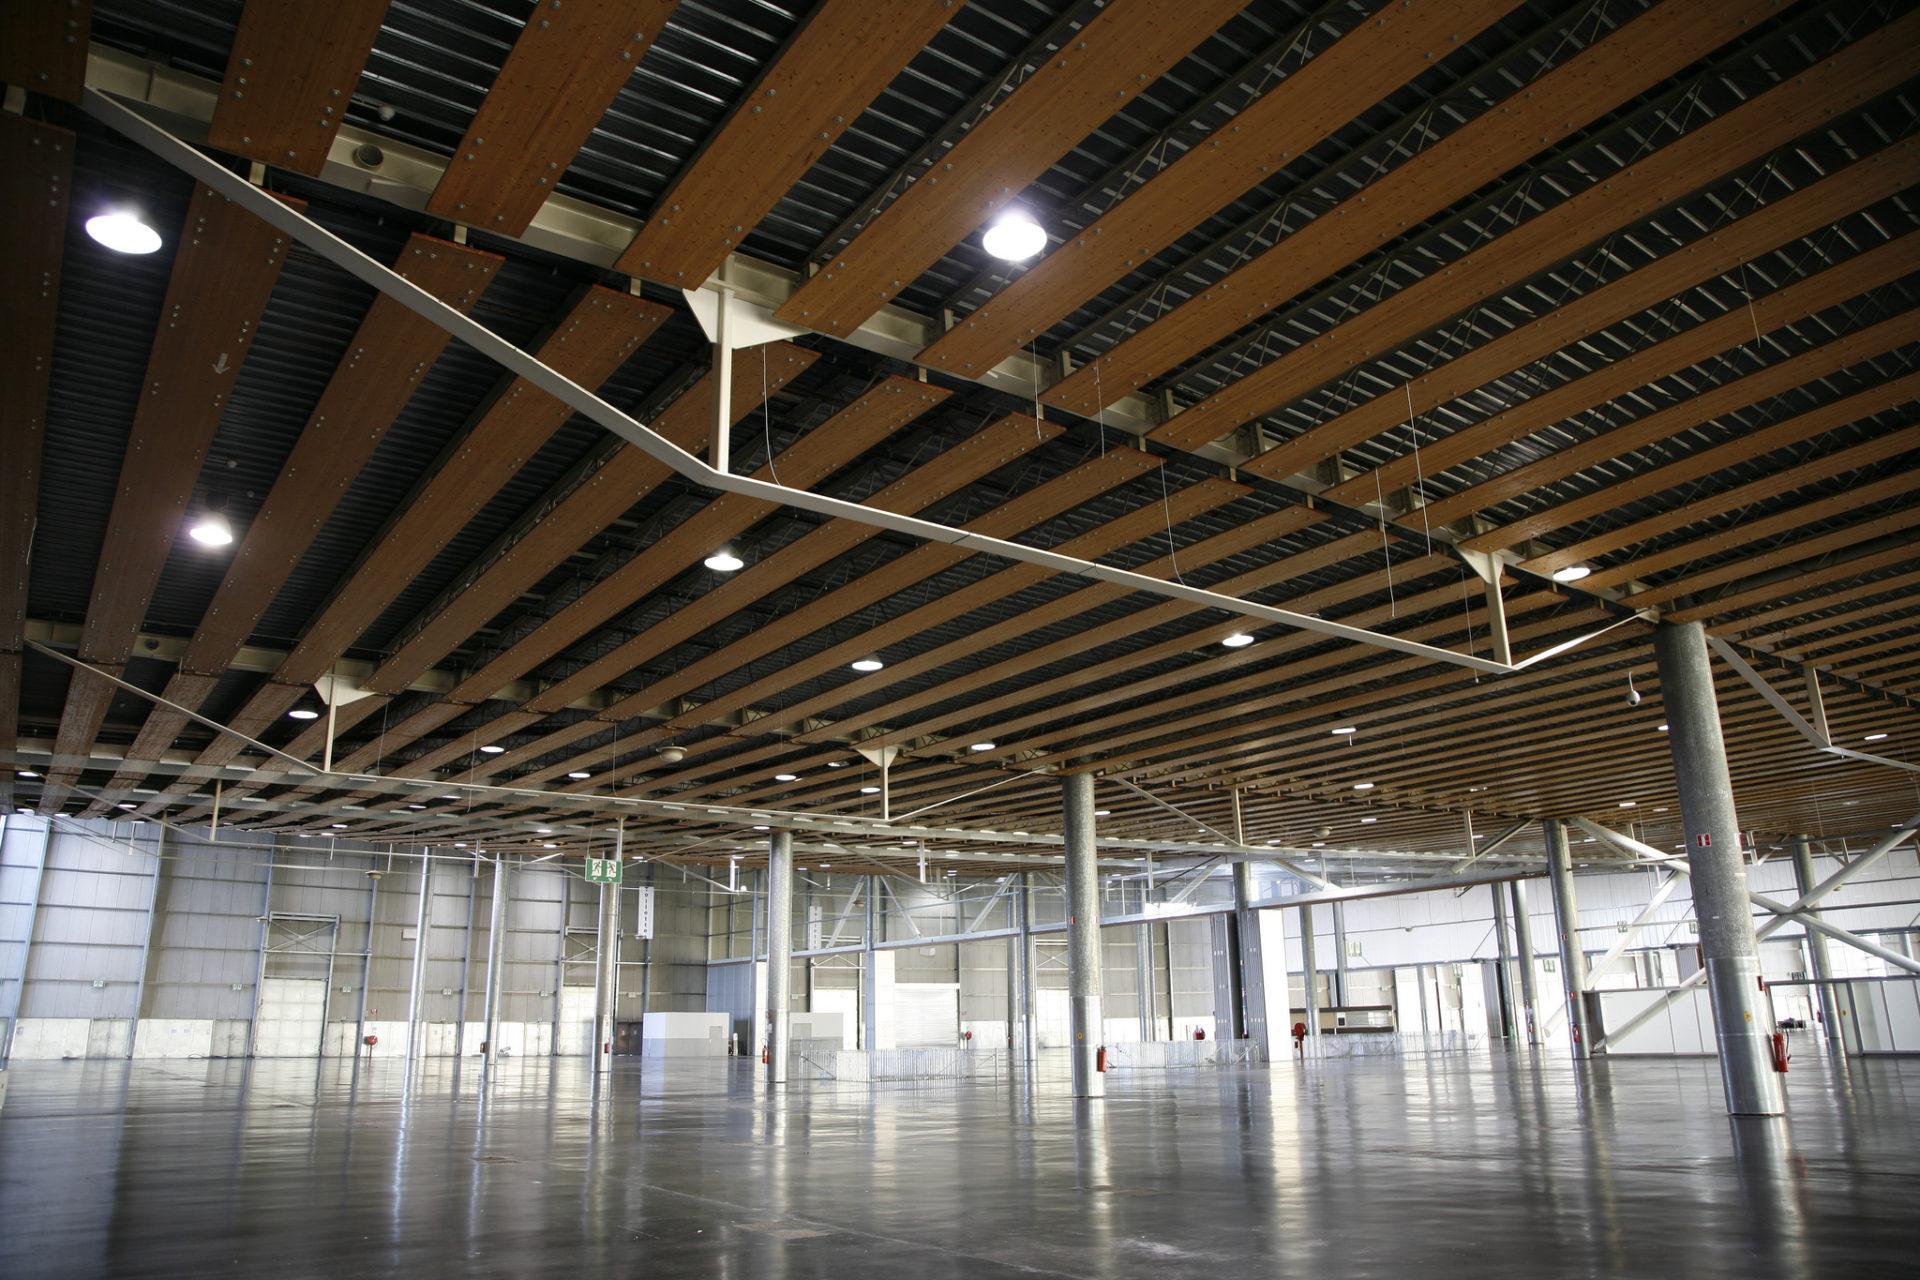 4 exhibition halls